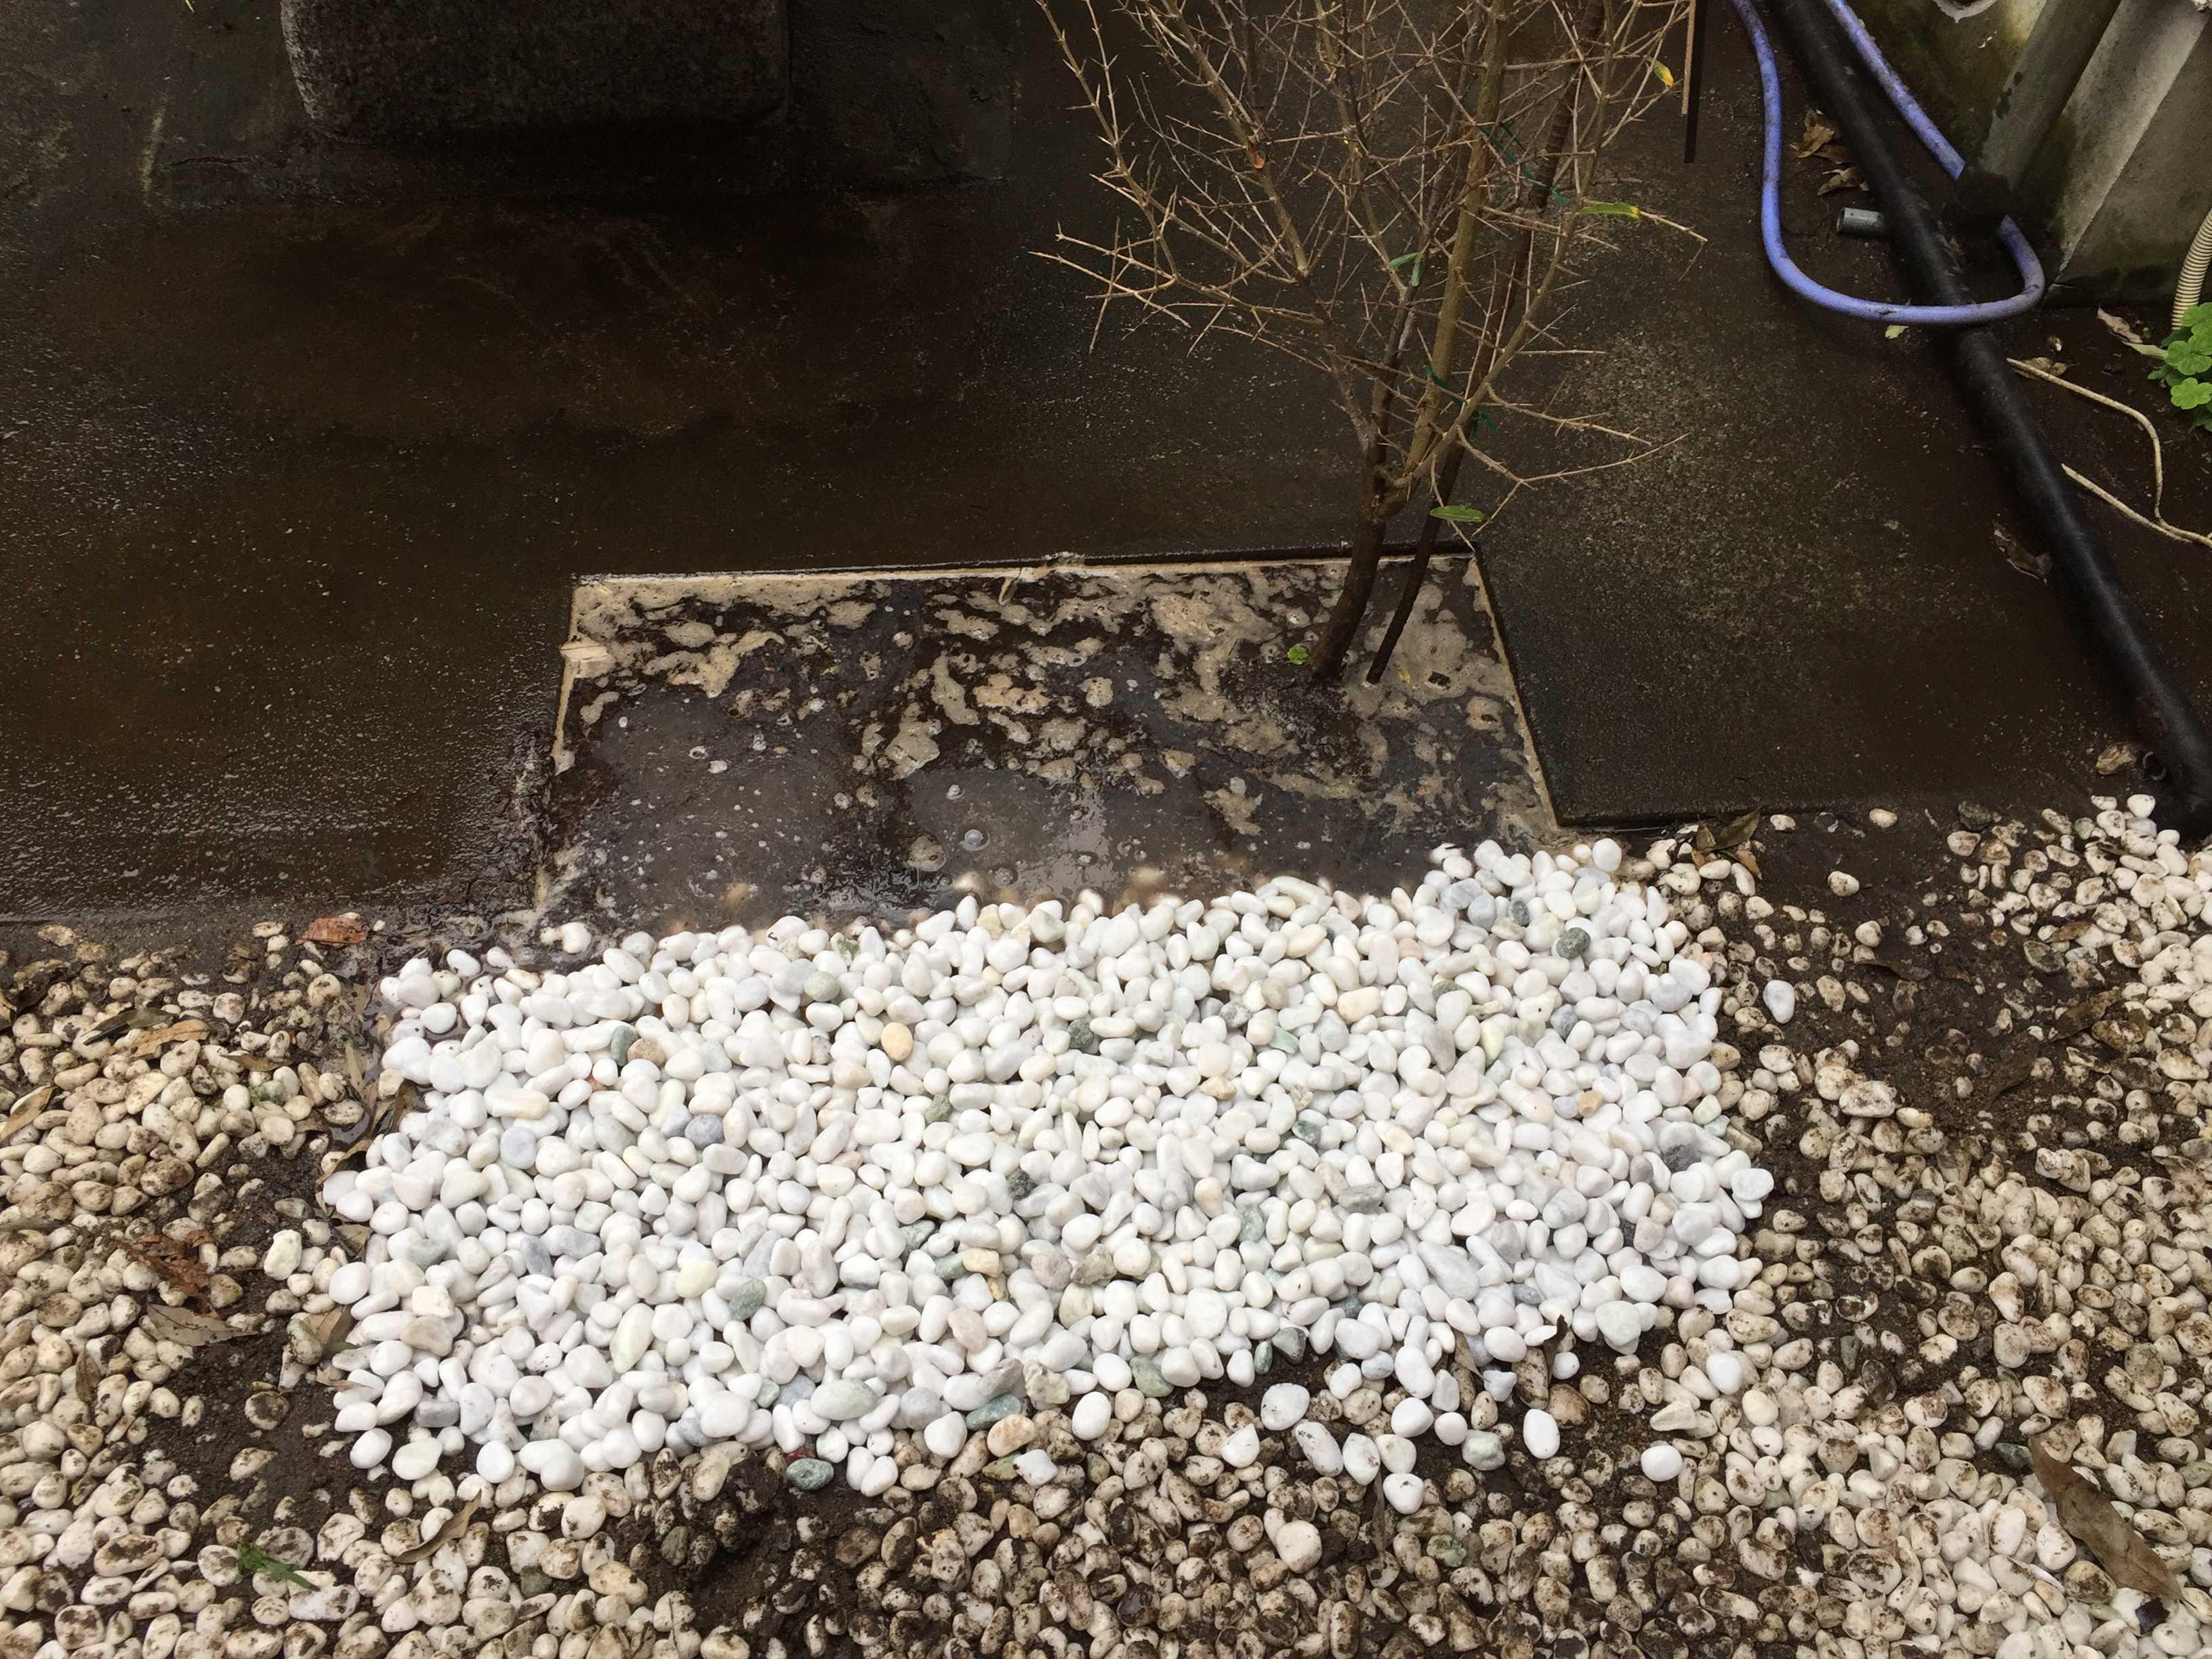 ザクロの植え付け: 真っ白な玉砂利